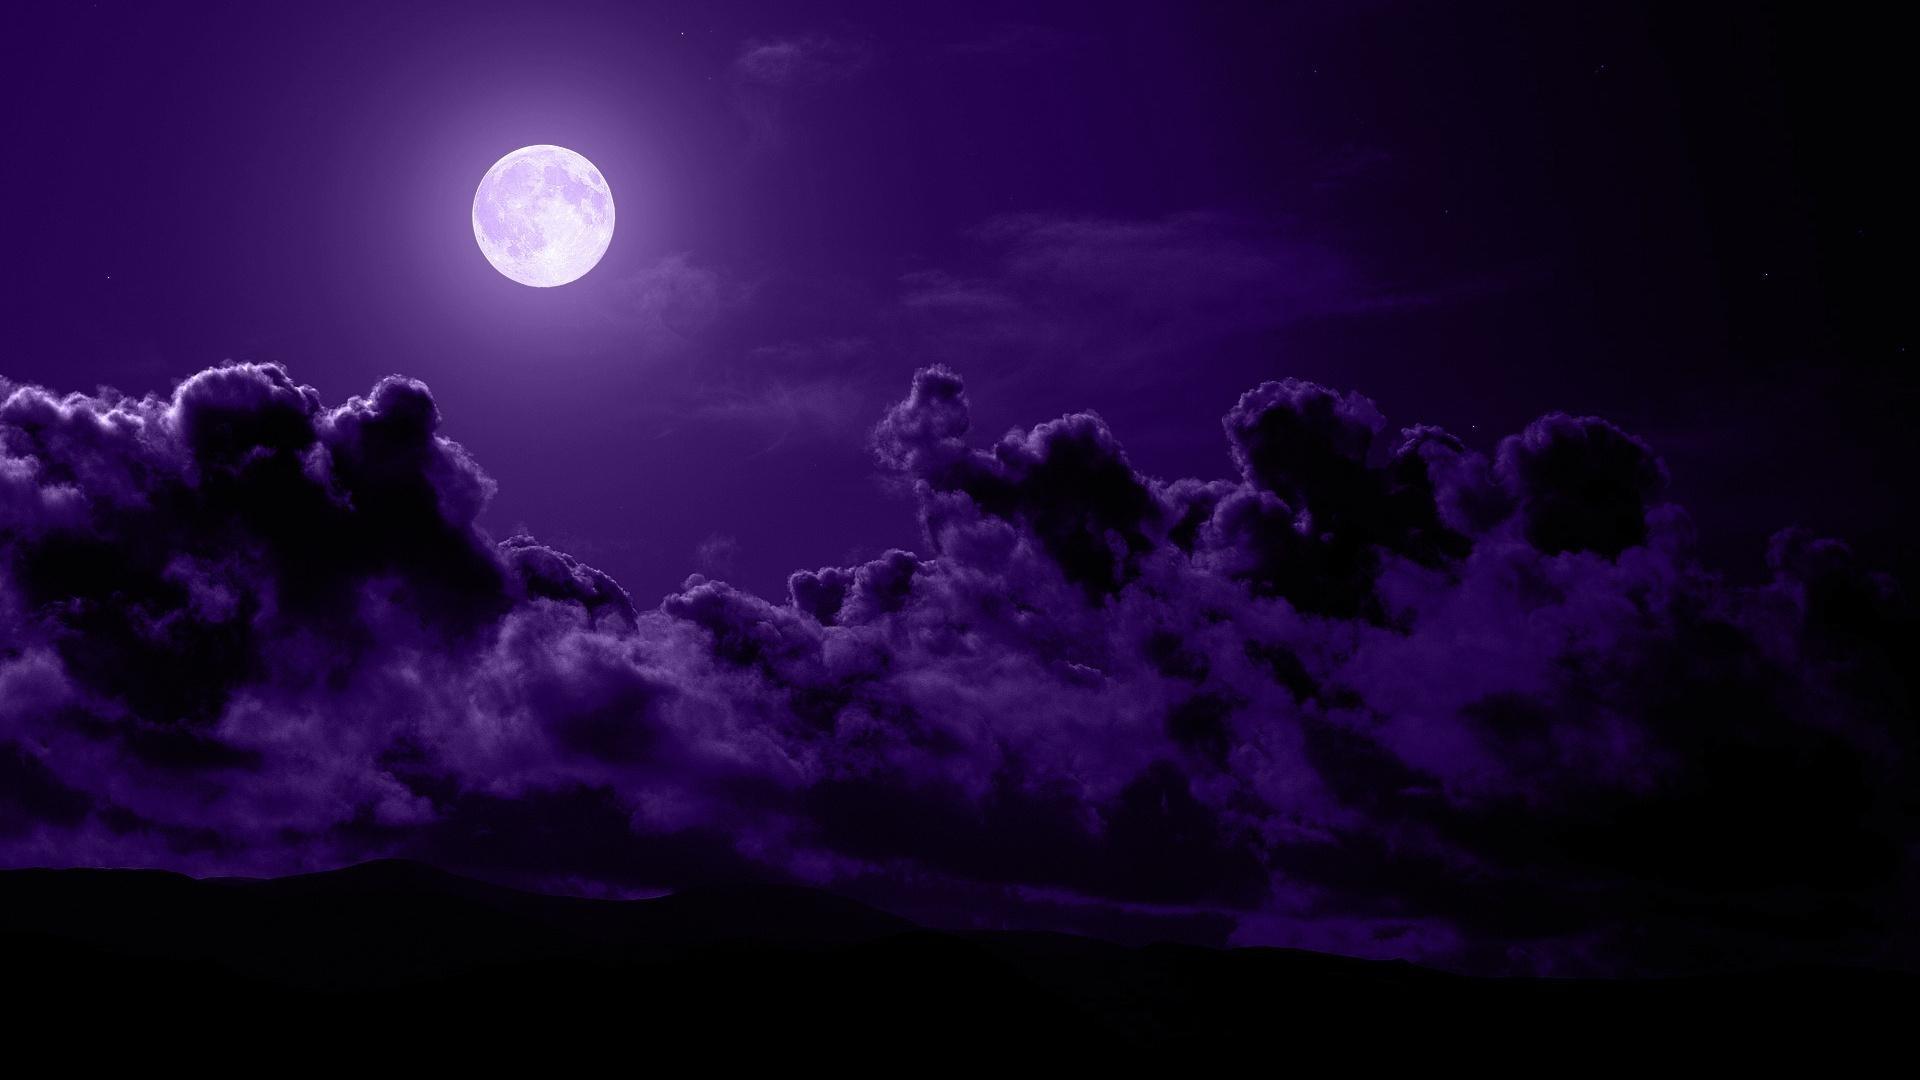 Wallpaper Moonlight